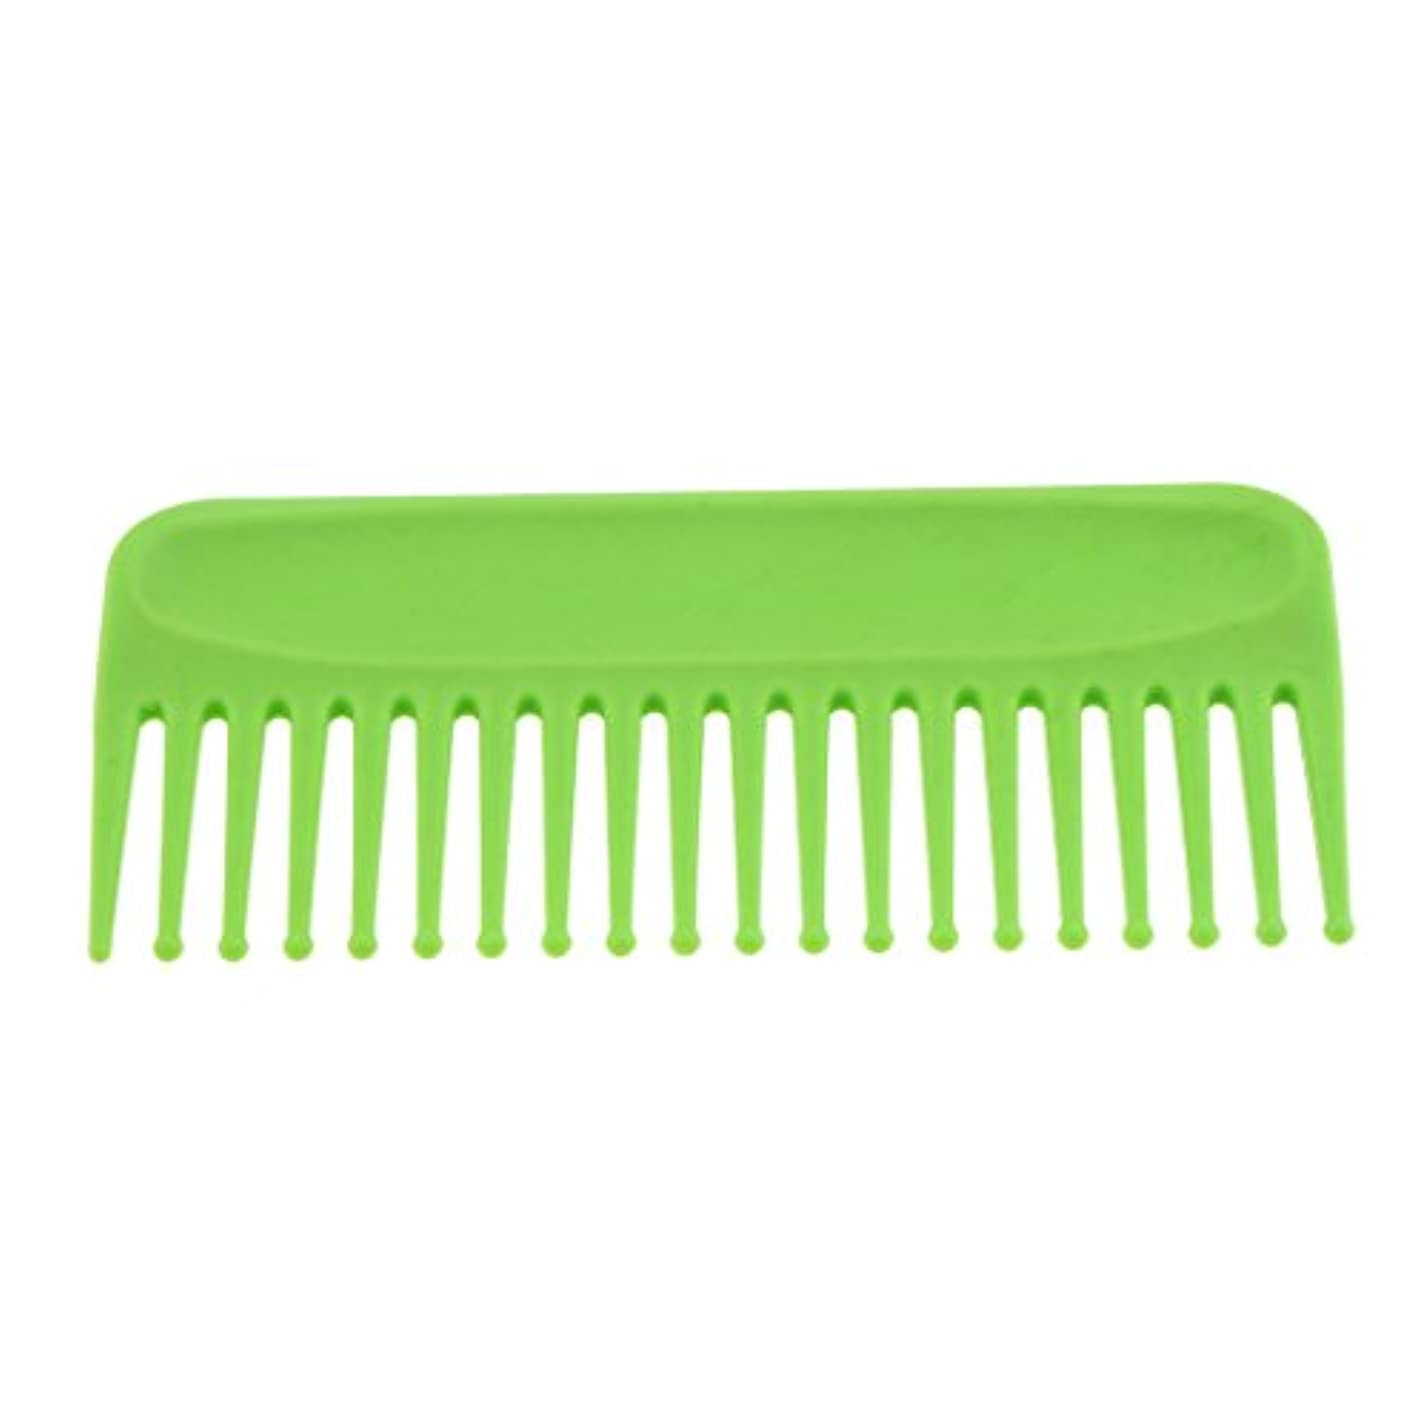 テンションつづりいまヘアブラシ ヘアコーム コーム 櫛 くし サロン ヘアケア 耐熱性 帯電防止 頭皮 マッサージ 丸いヘッド 4色選べる - 緑